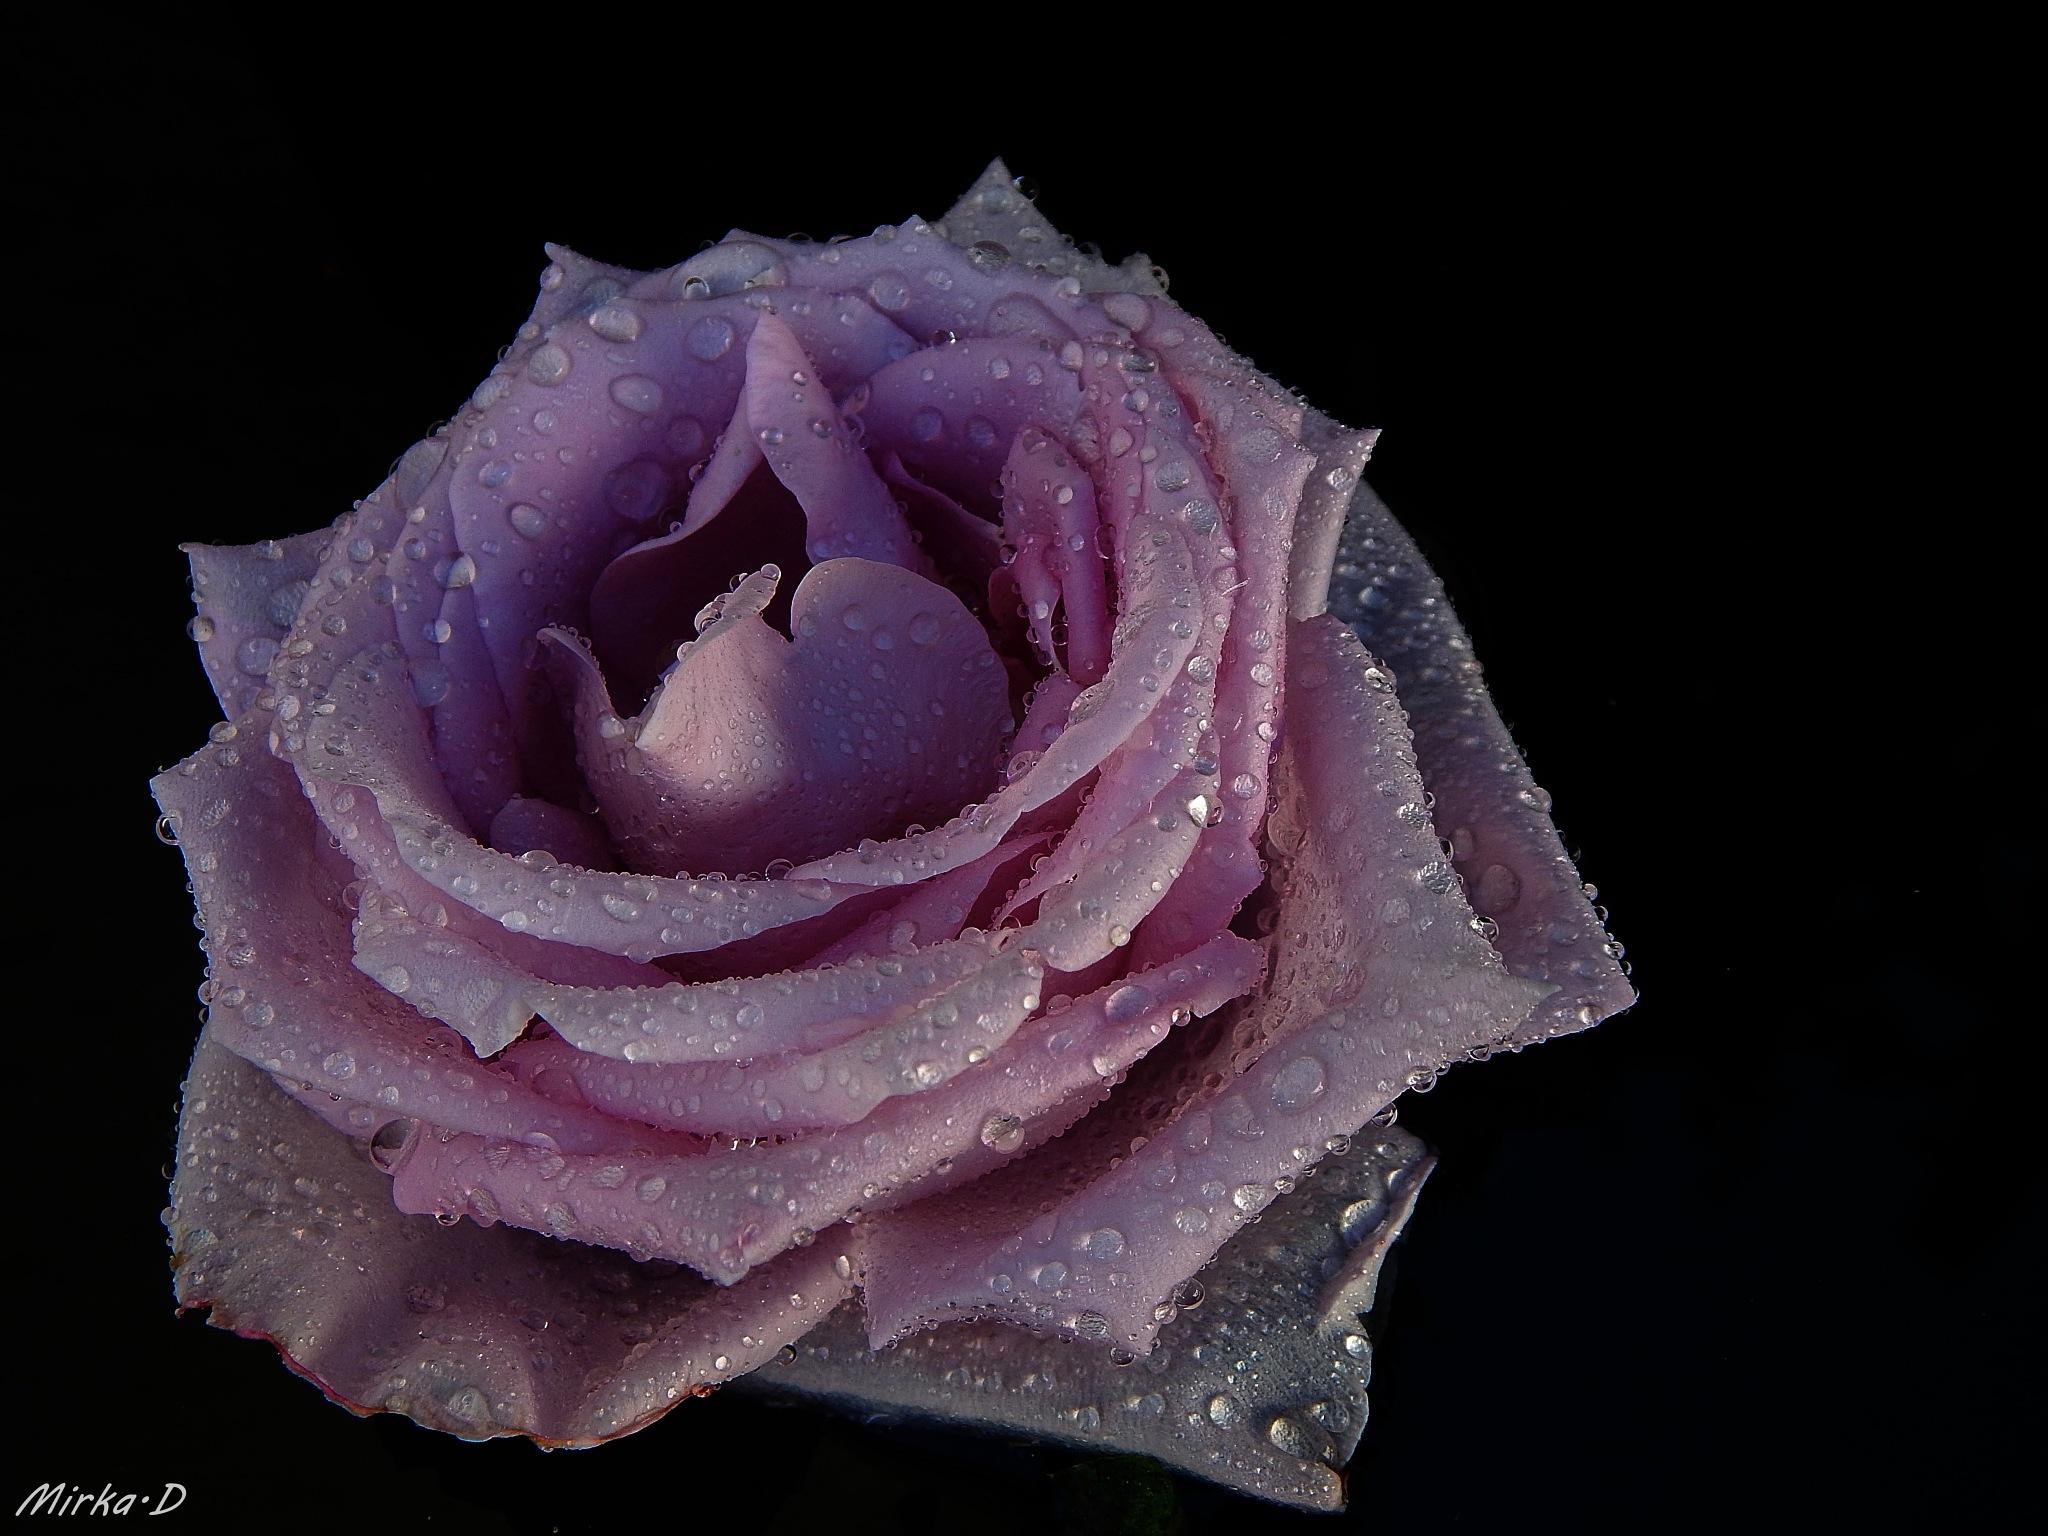 Roses by Amarylka7